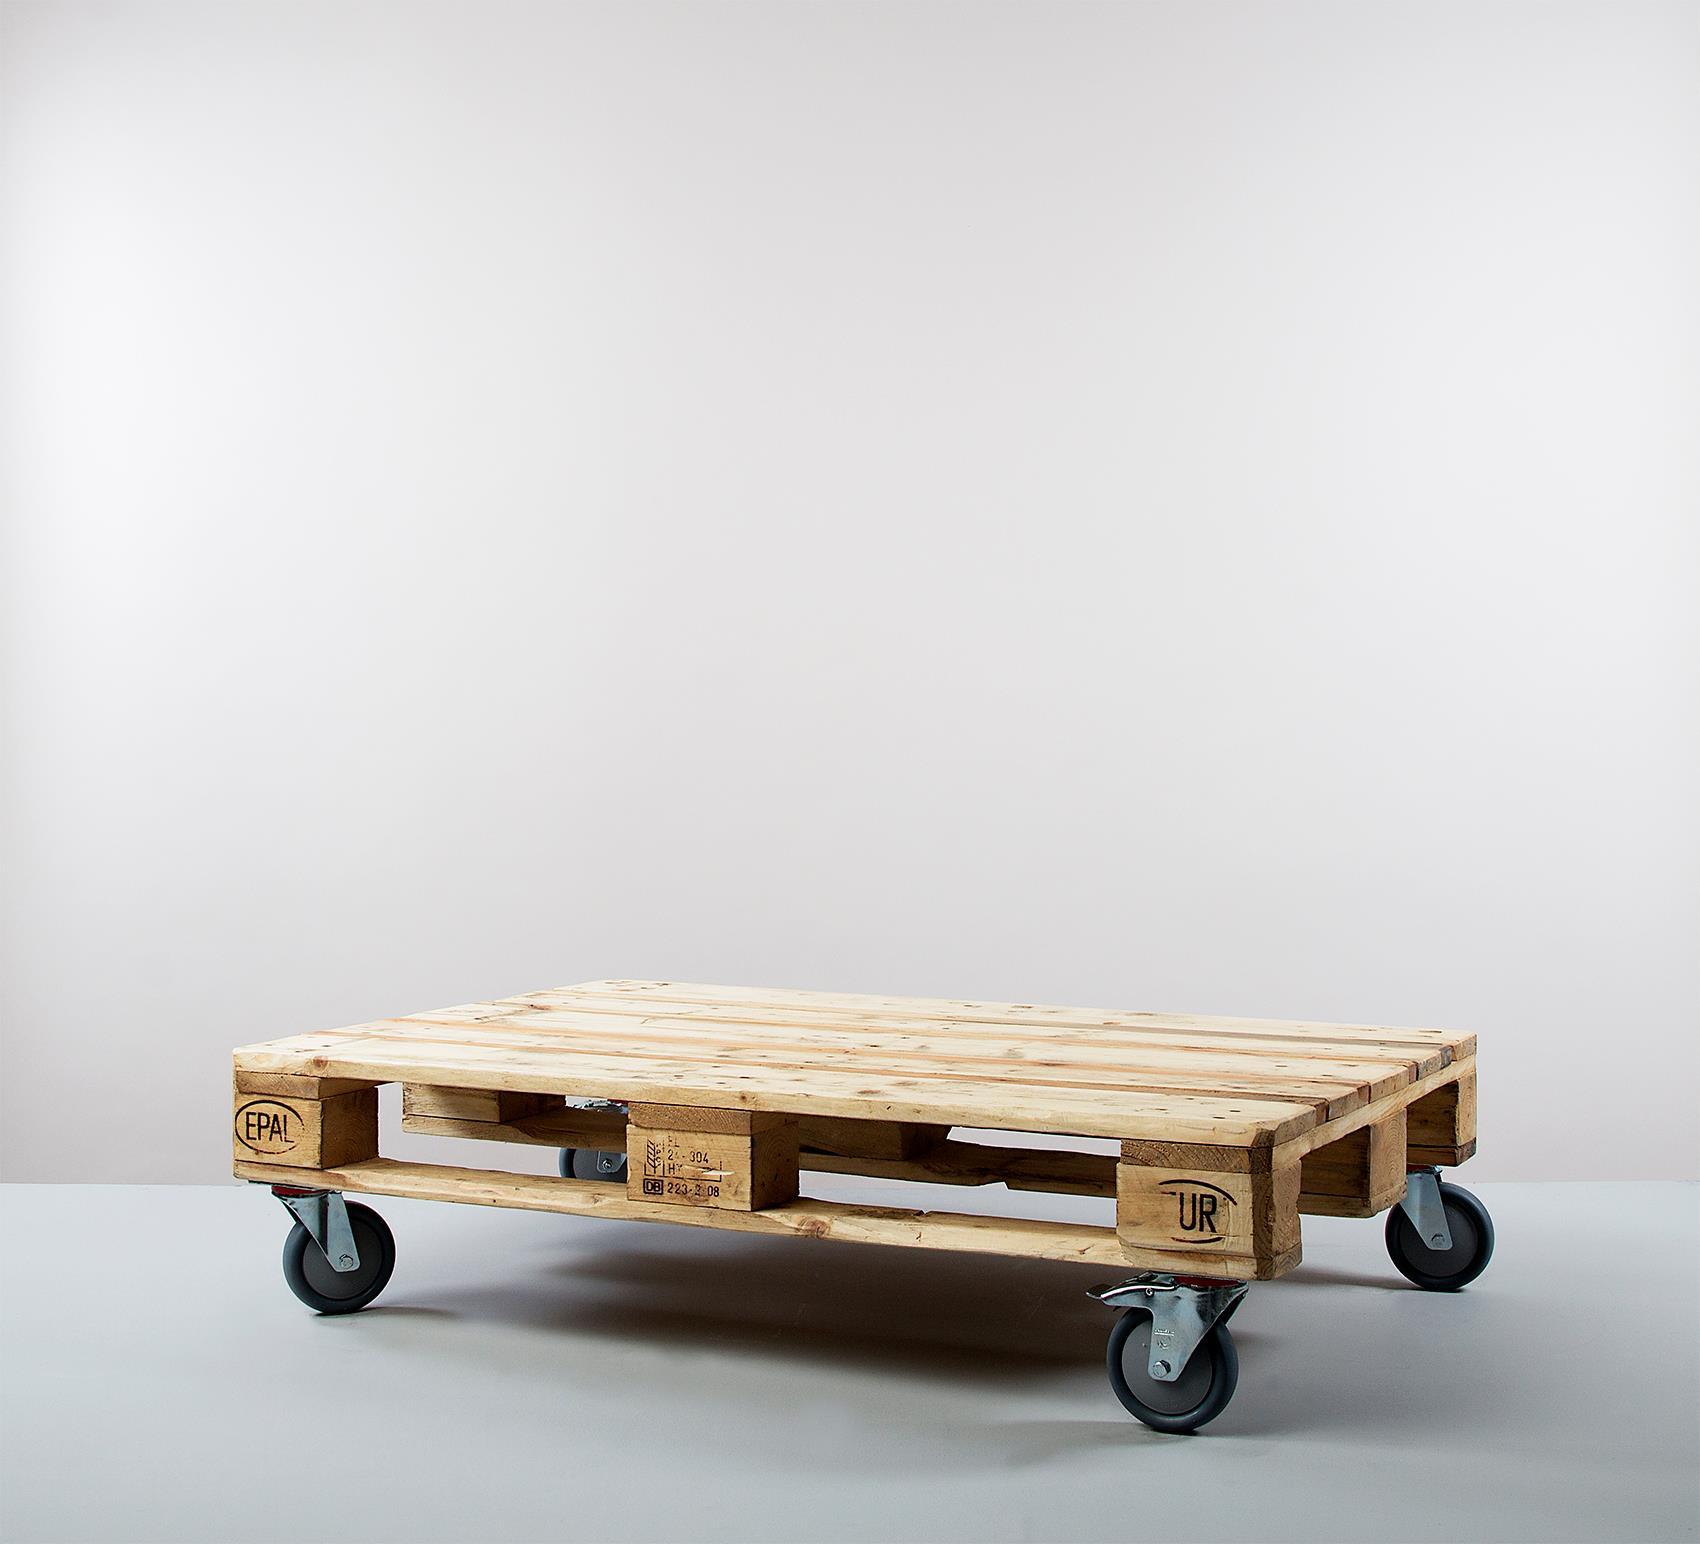 pallet furniture. Black Bedroom Furniture Sets. Home Design Ideas